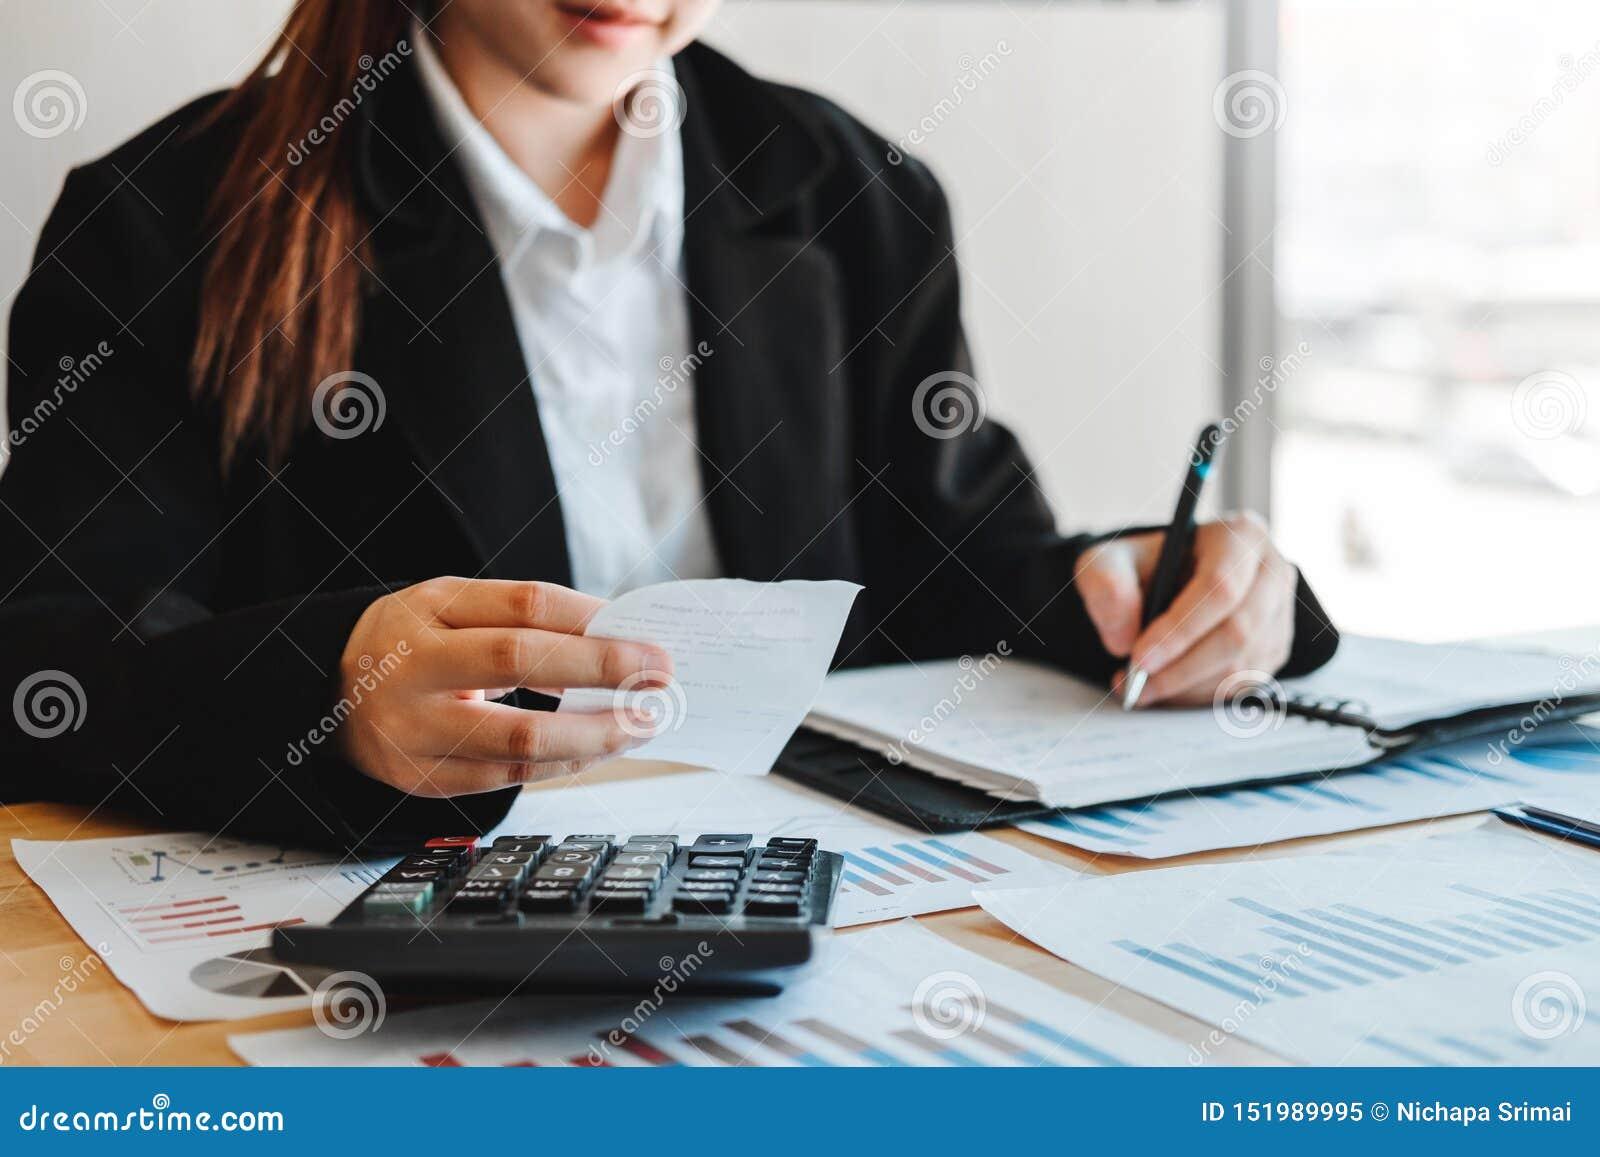 Biznesowa kobieta Rozlicza Pieniężną inwestycję na kalkulator Kosztującym Ekonomicznym rynku i biznesie